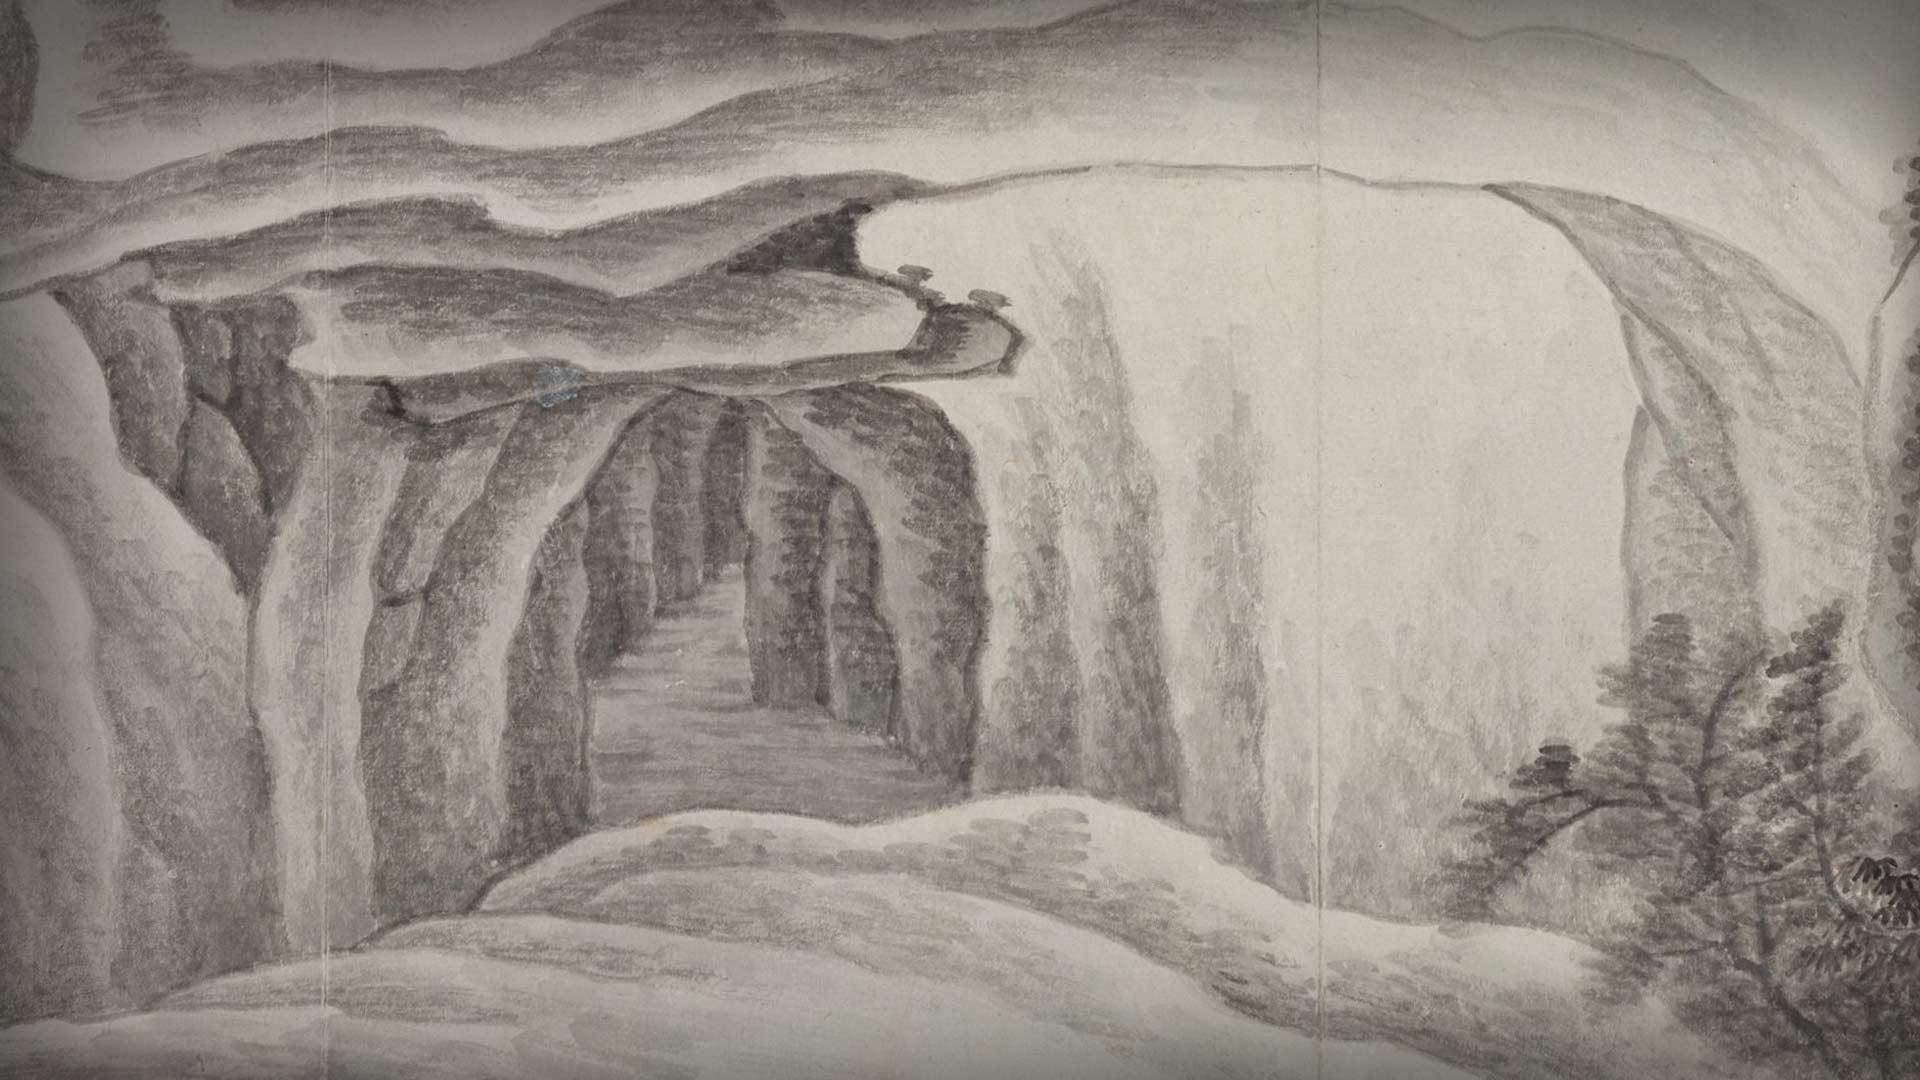 呼吸美学-中国古画赏析》:画中桃花源(2021年) <p>画作提供:香港艺术馆虚白斋藏</p>